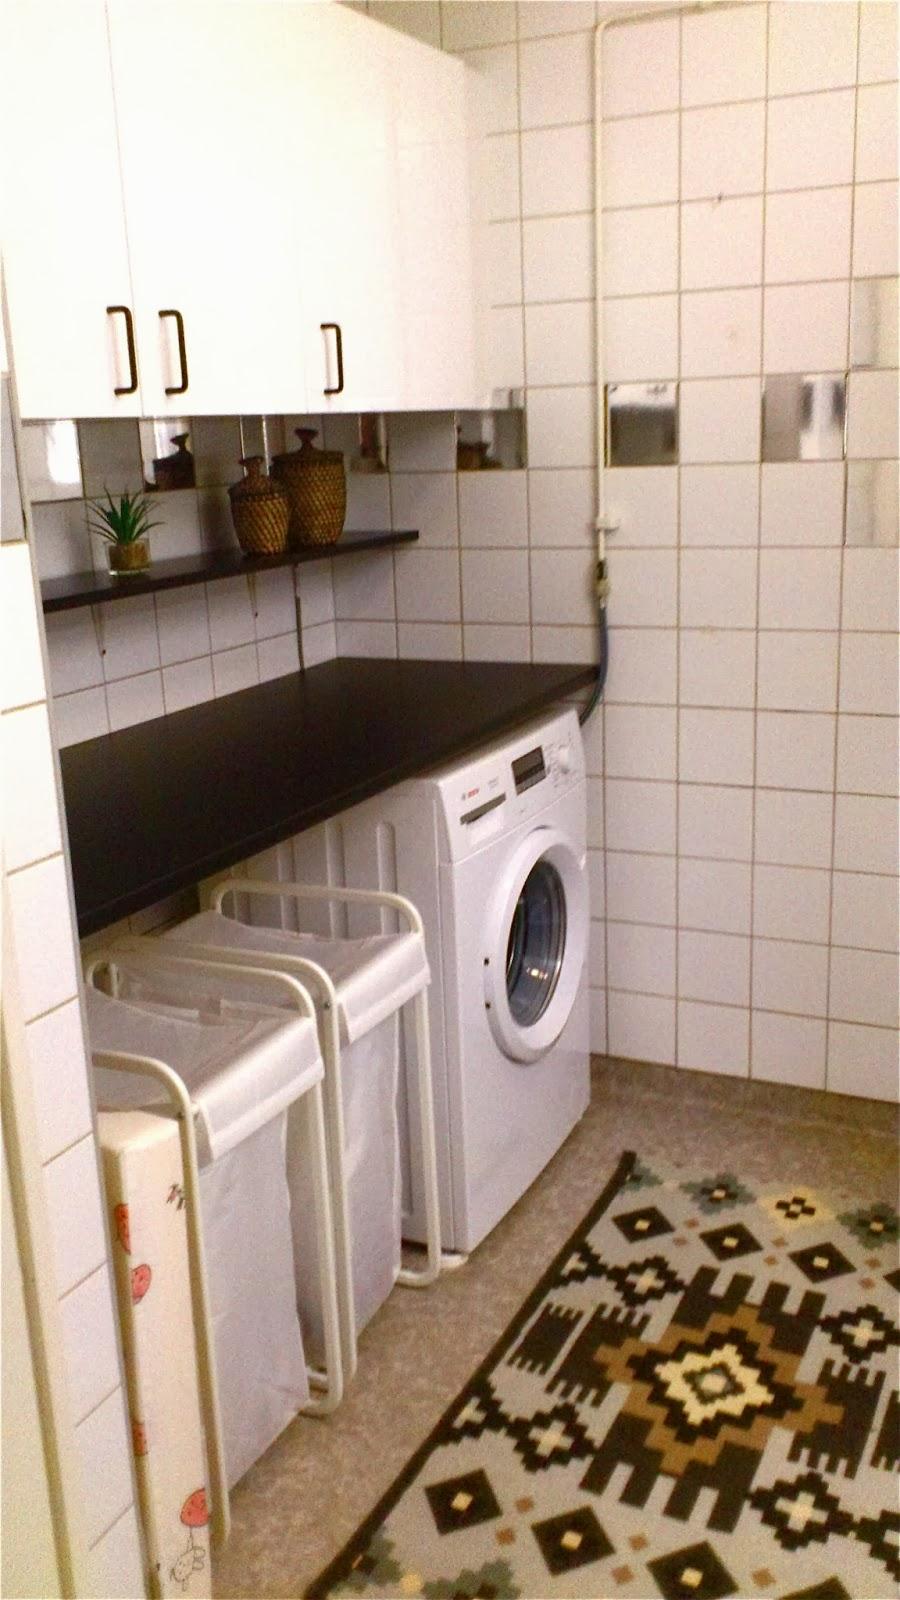 I huvudet på johanna: efter bilder på badrum/tvättstuga